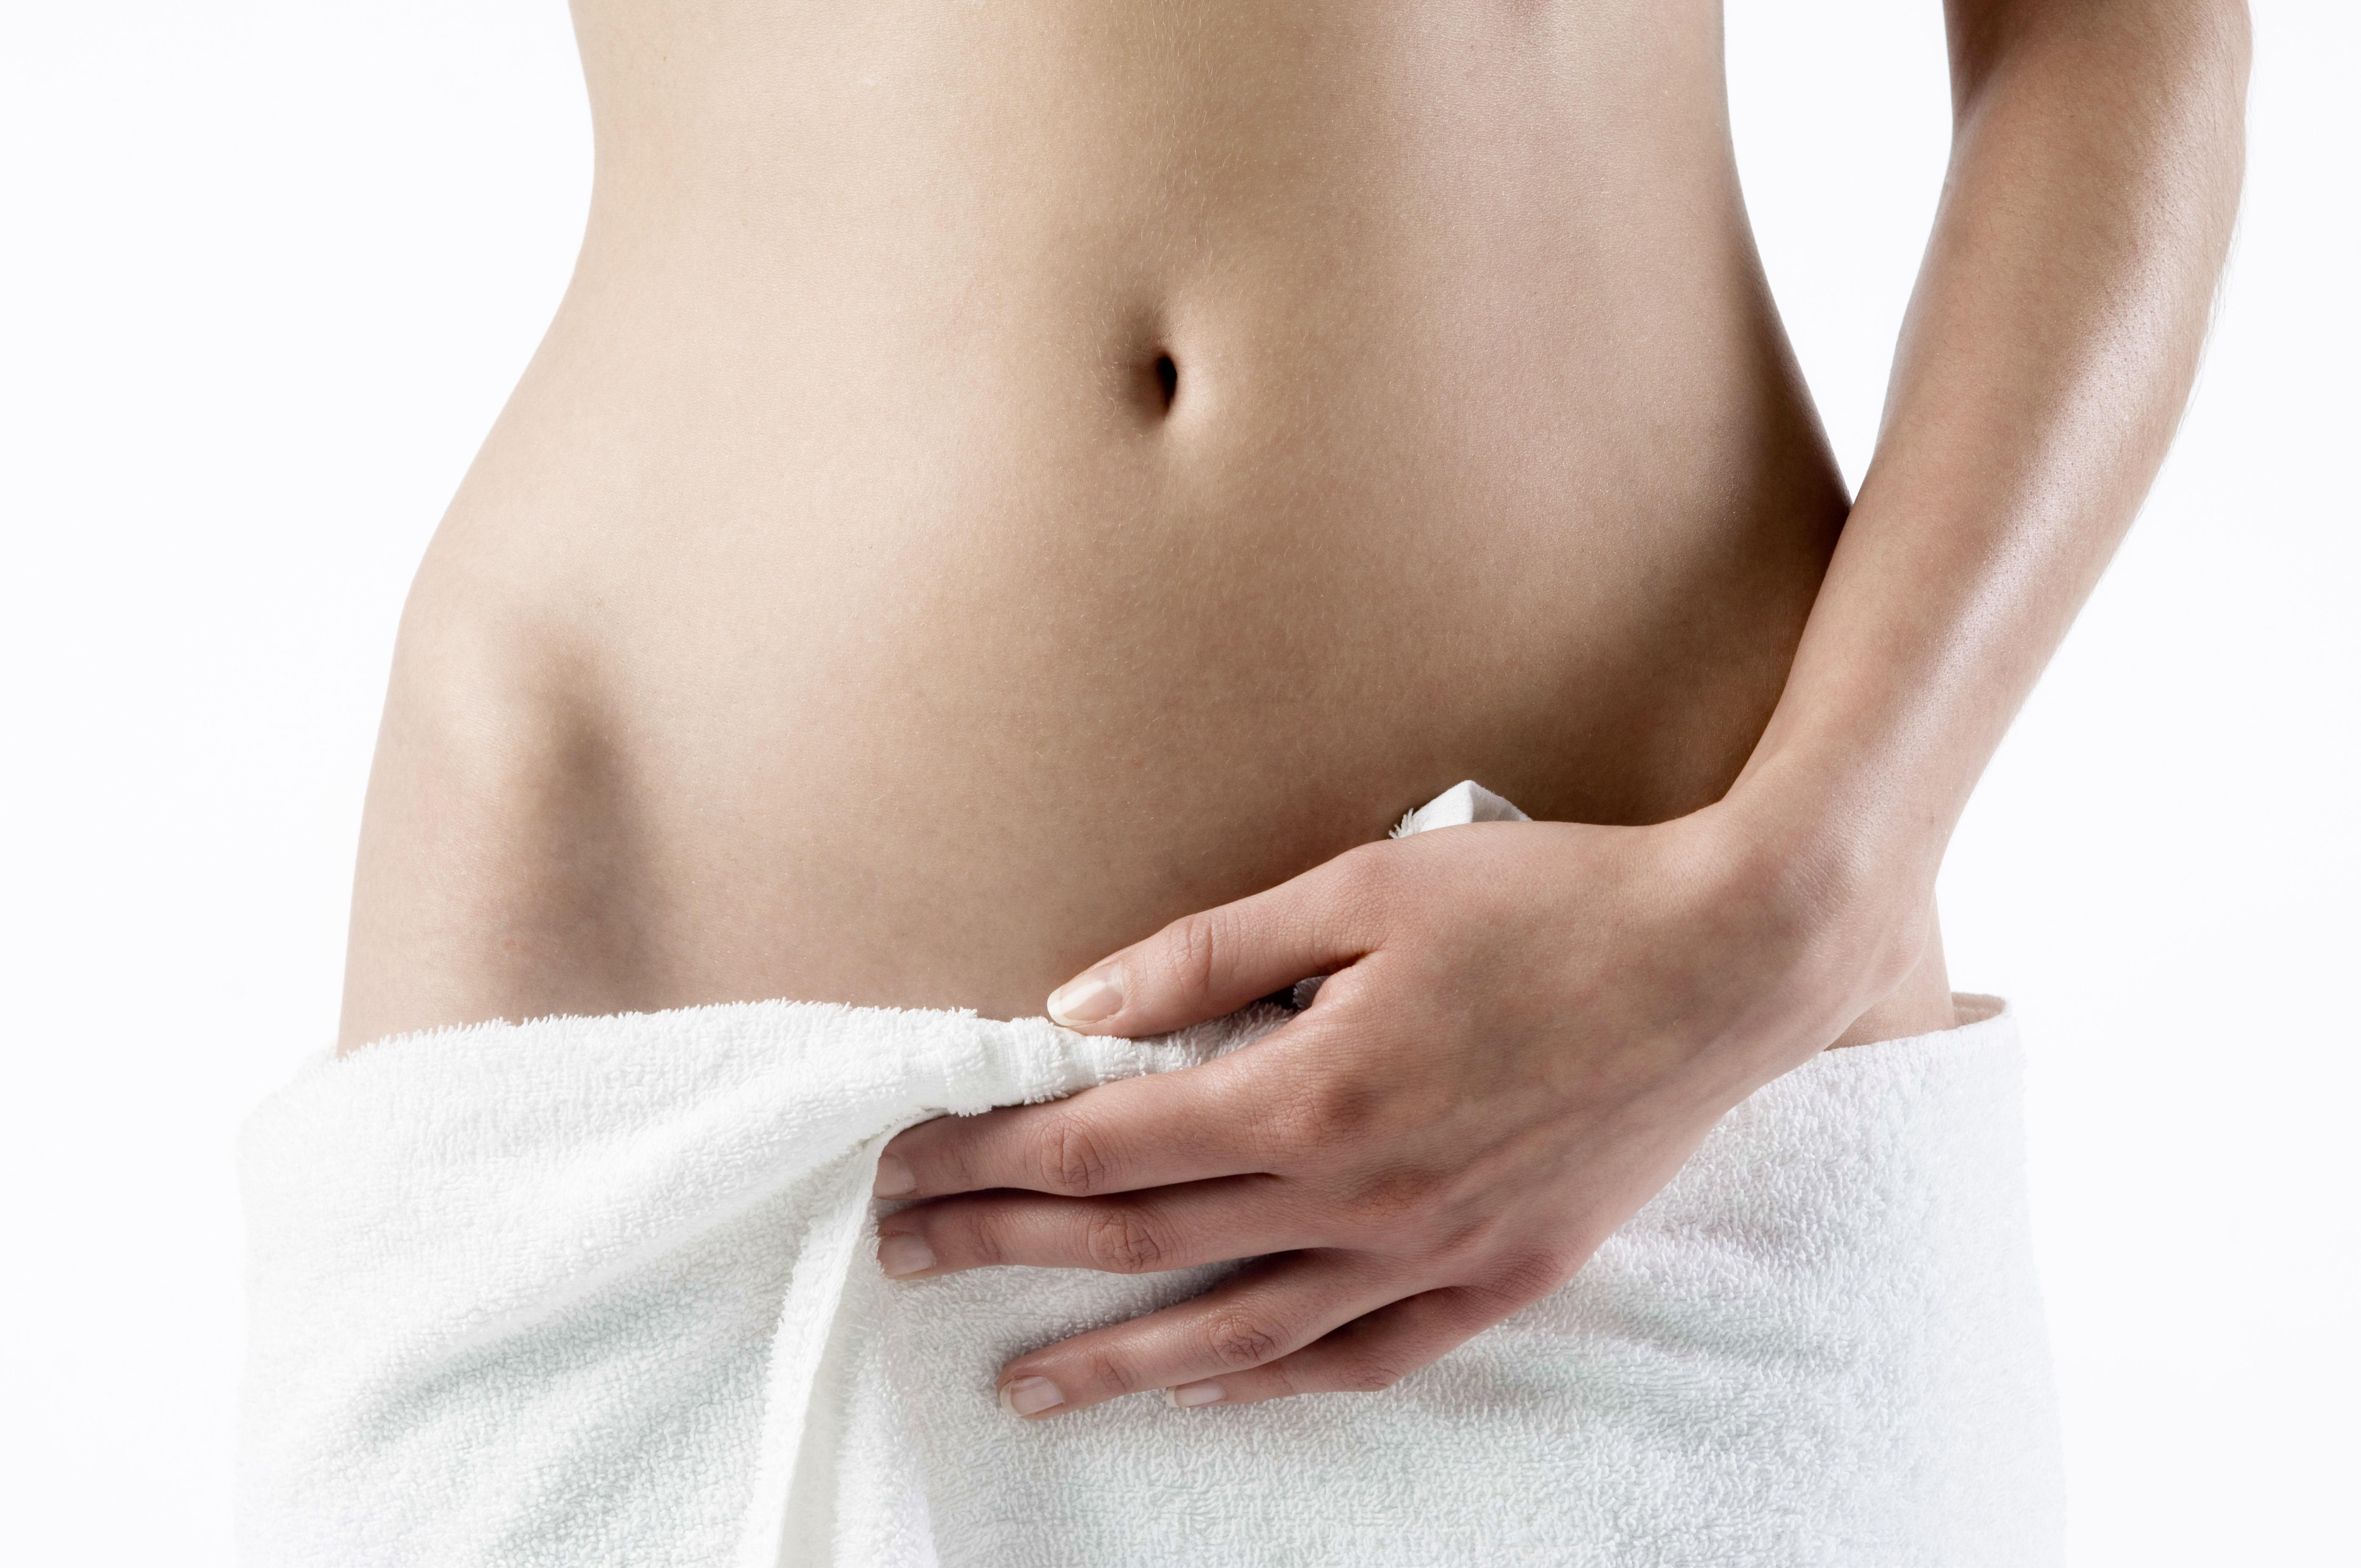 Il dorso o i danni di spina dorsale